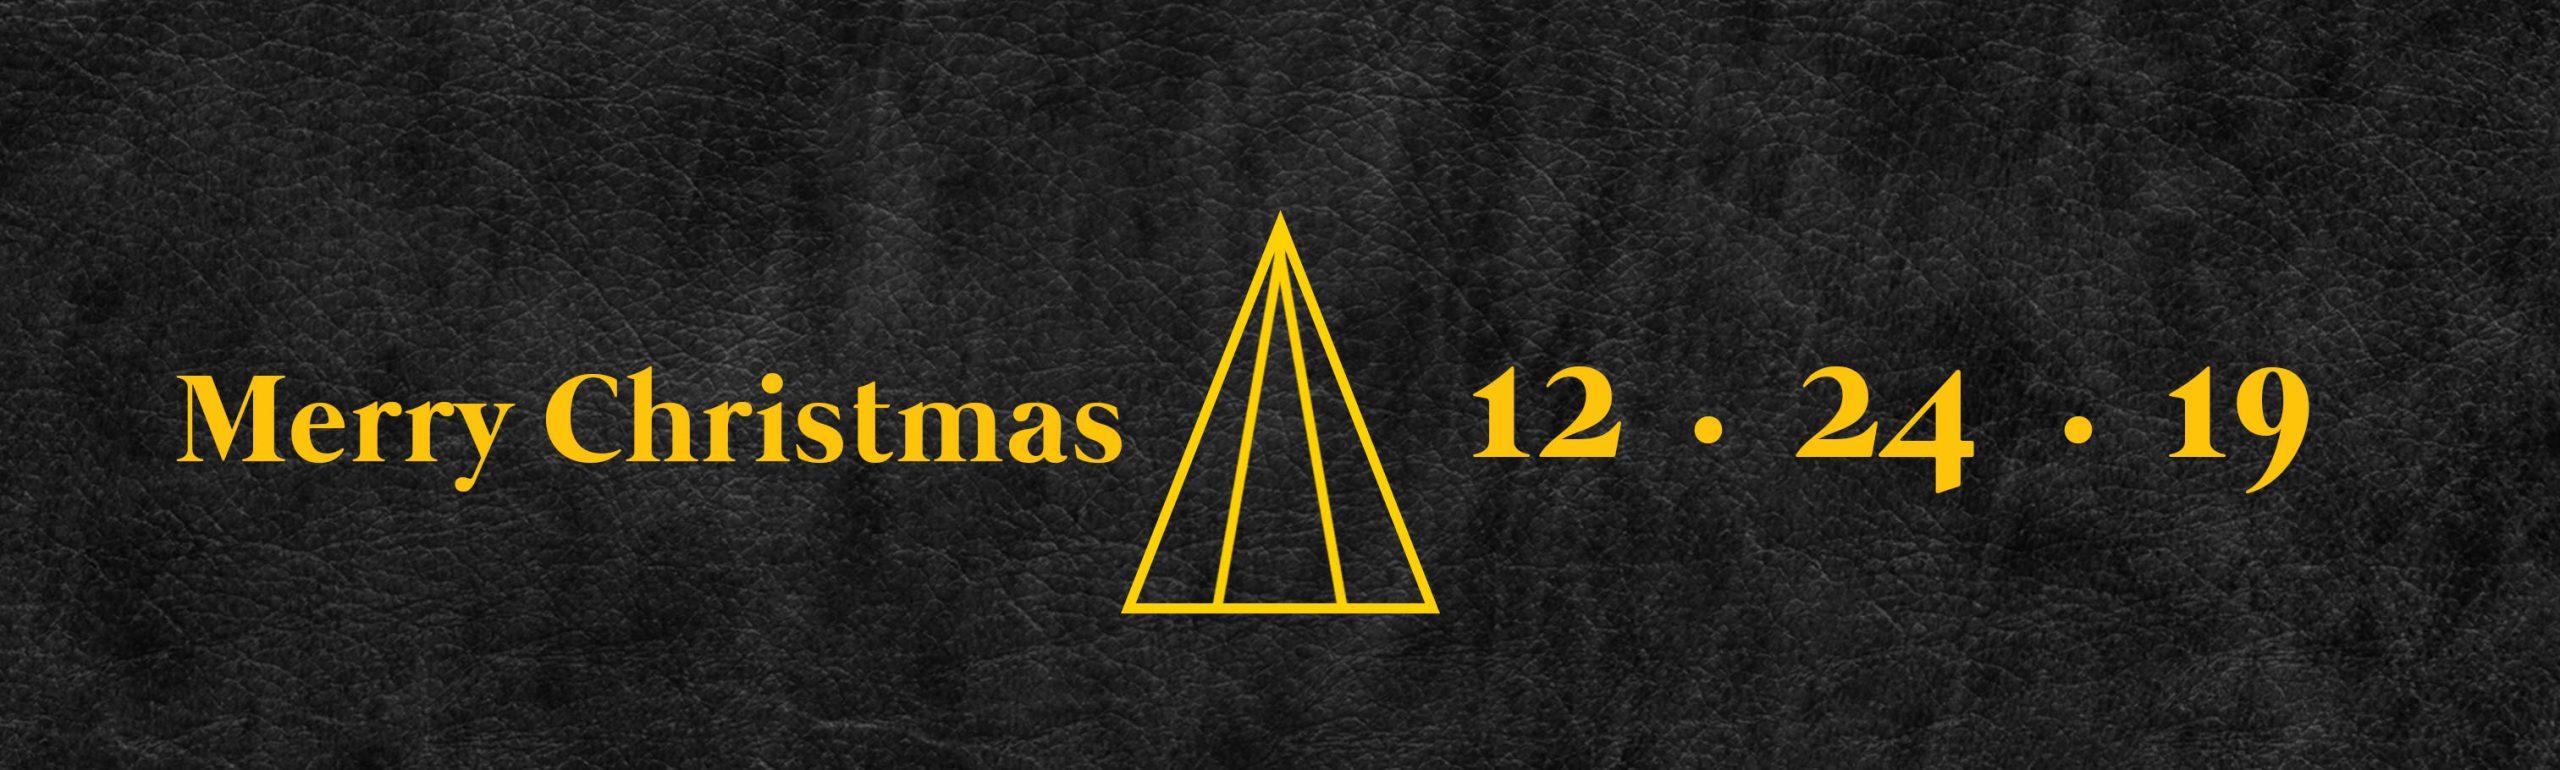 Christmas Eve at Tomoka